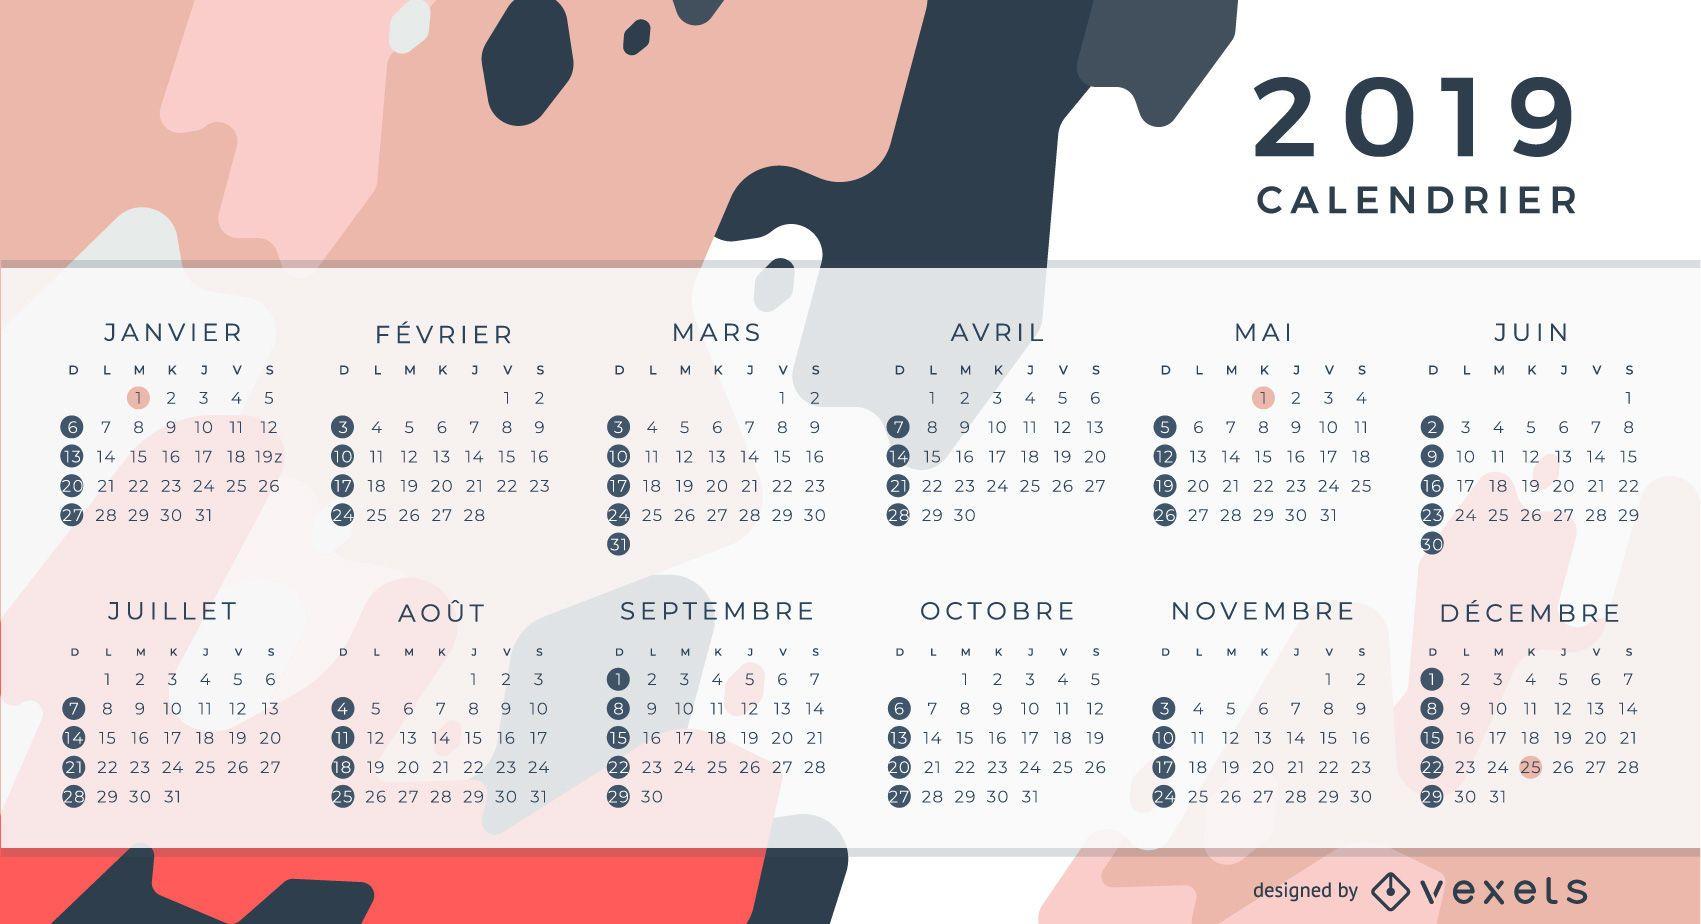 Calendario Frances.Calendario 2019 Diseno De Calendario Frances Descargar Vector